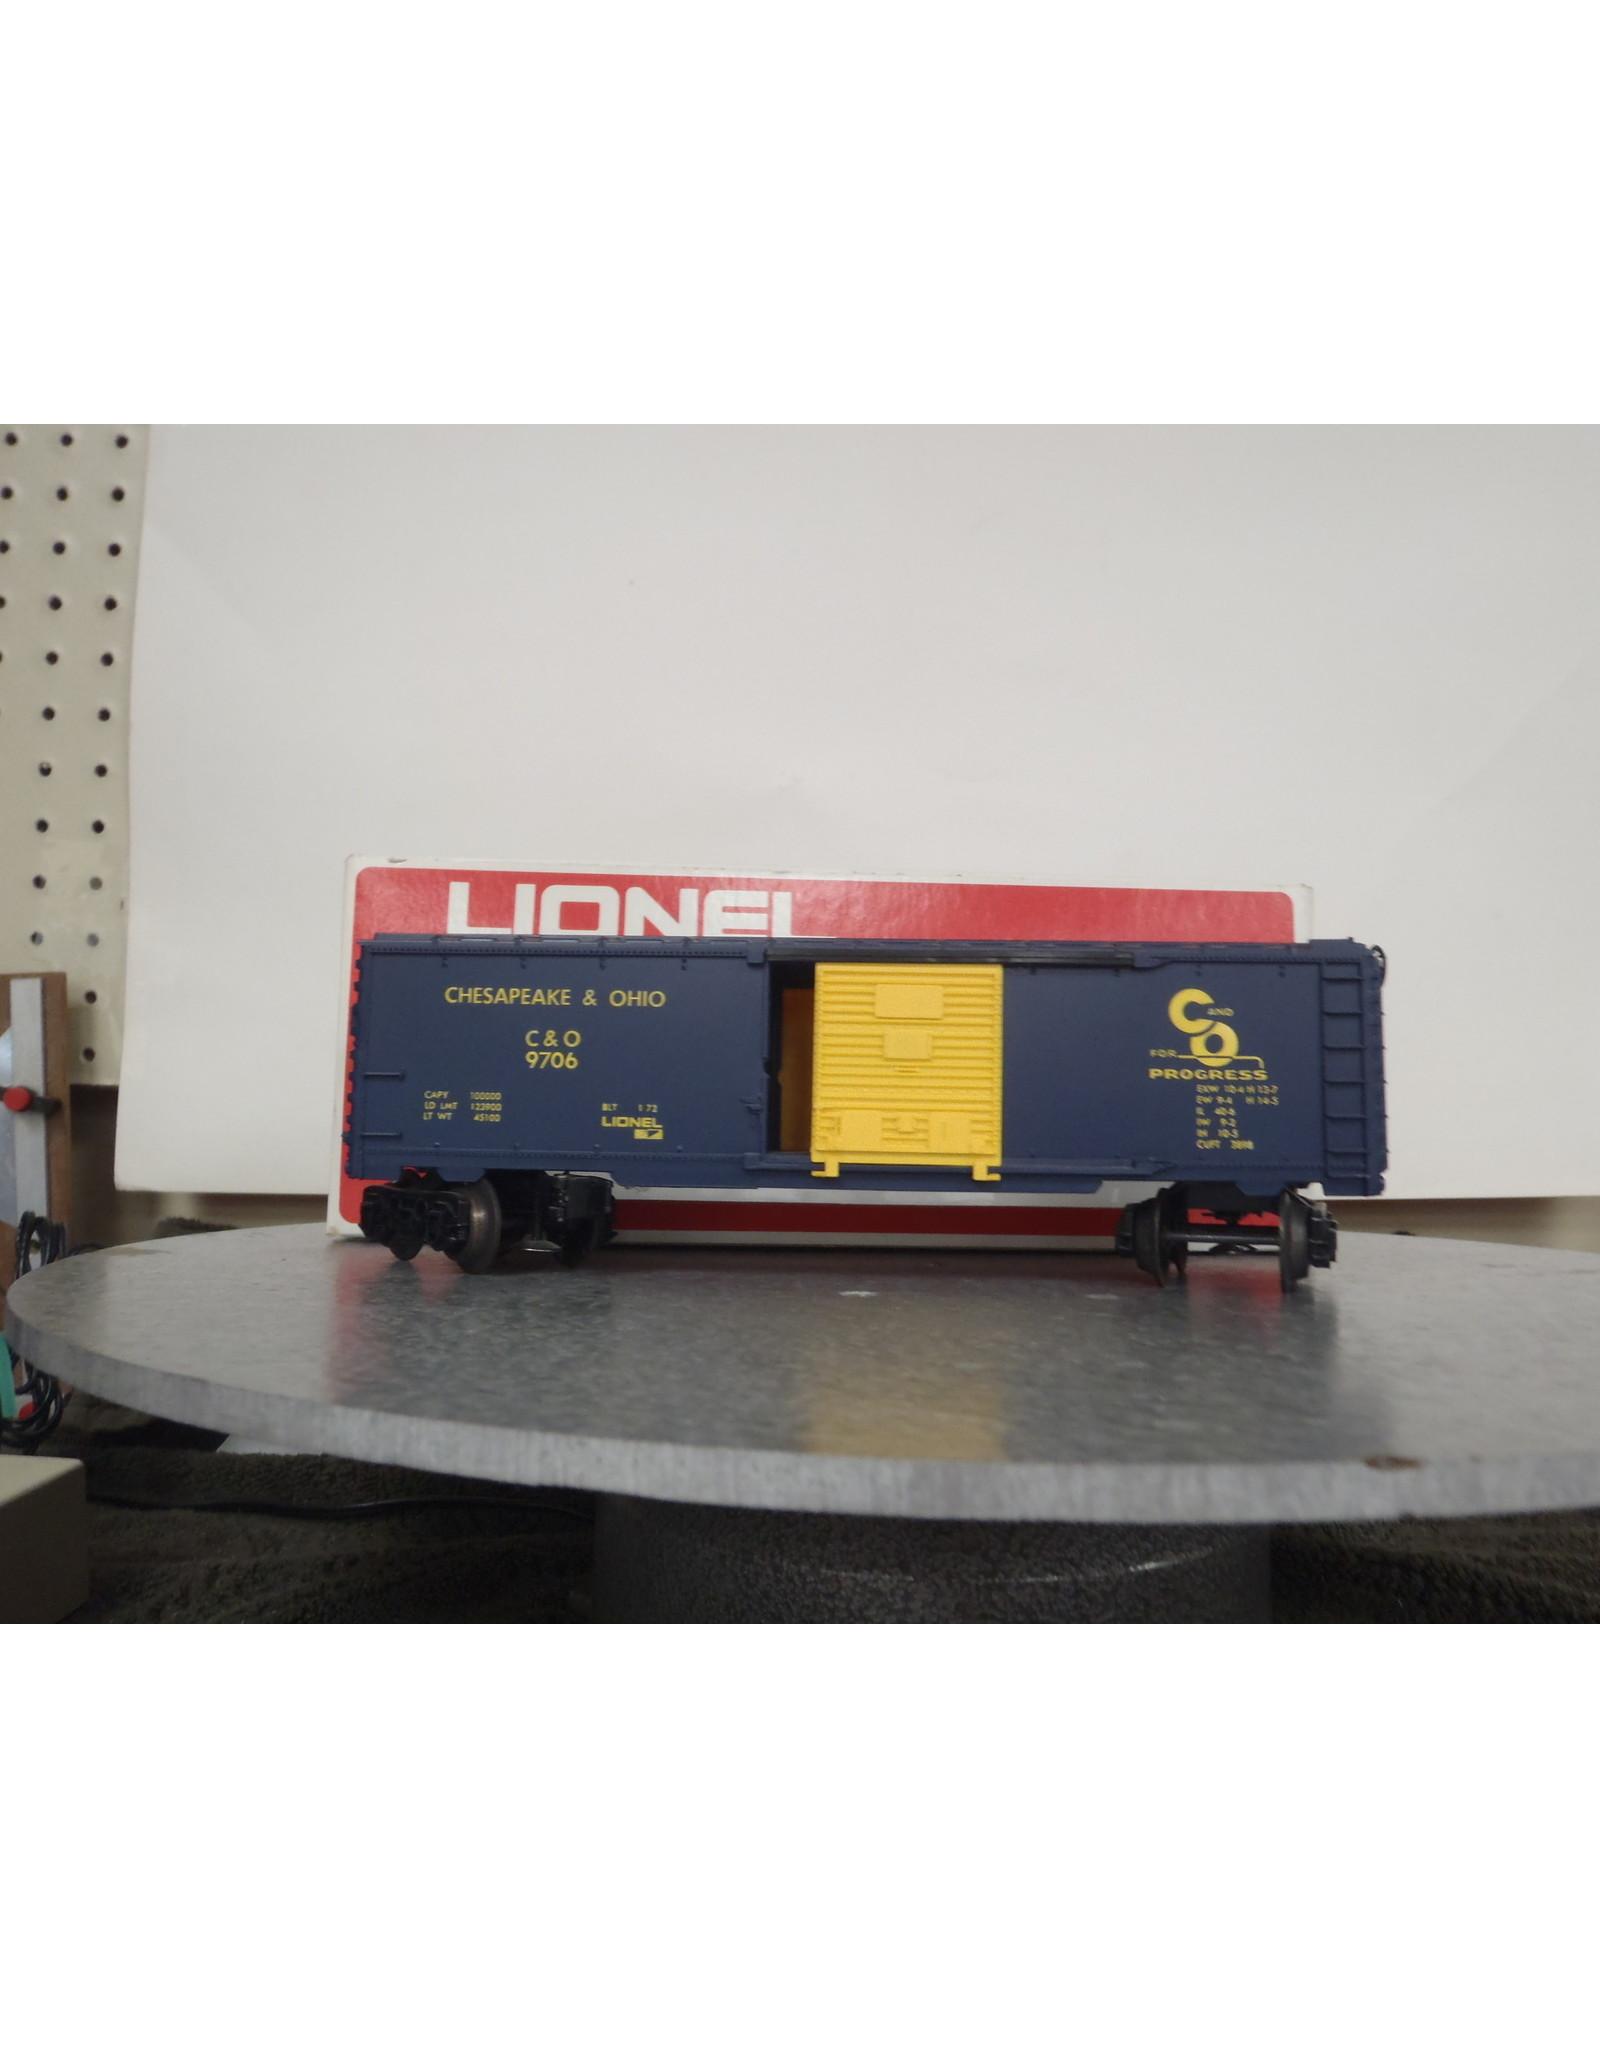 Lionel Boxcar C&O 9706